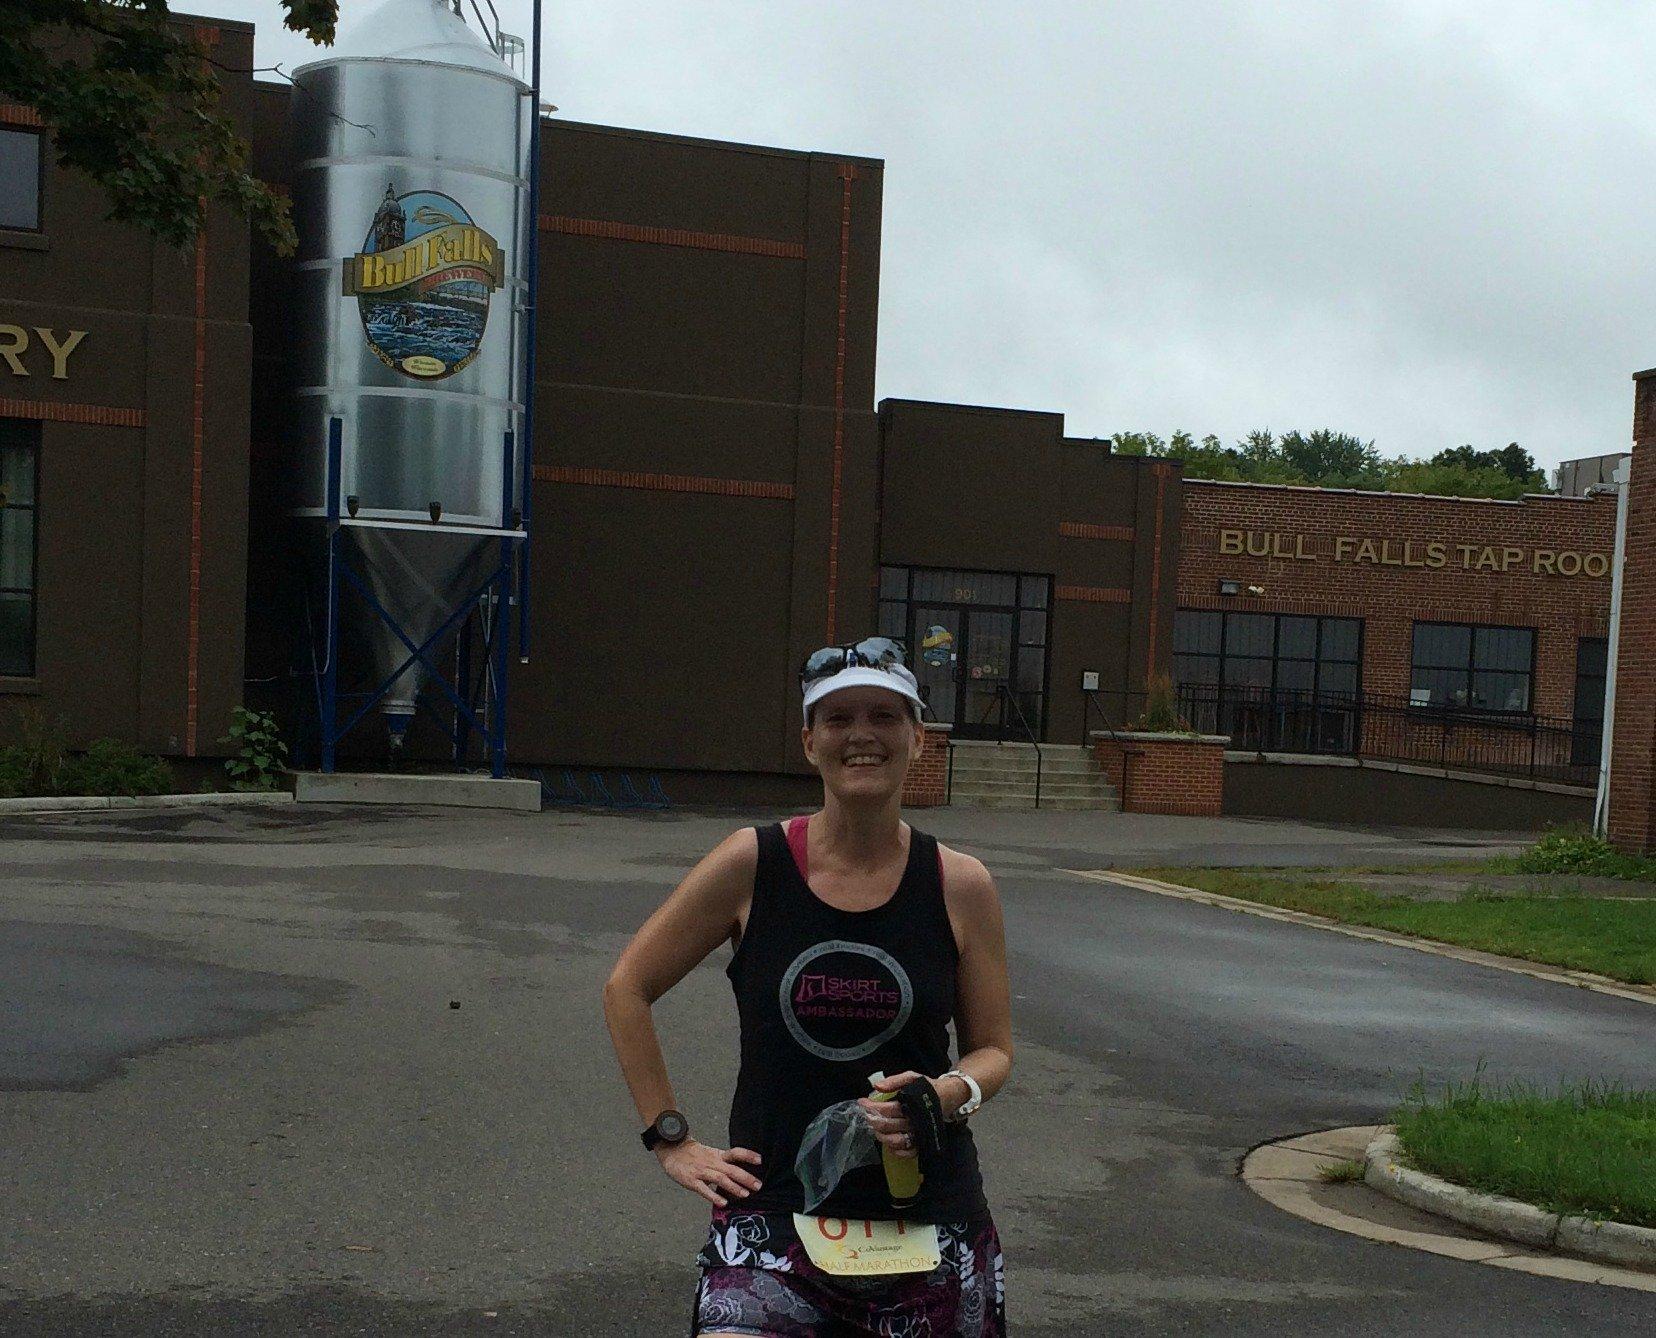 Wausau half marathon Bull Falls Brewery